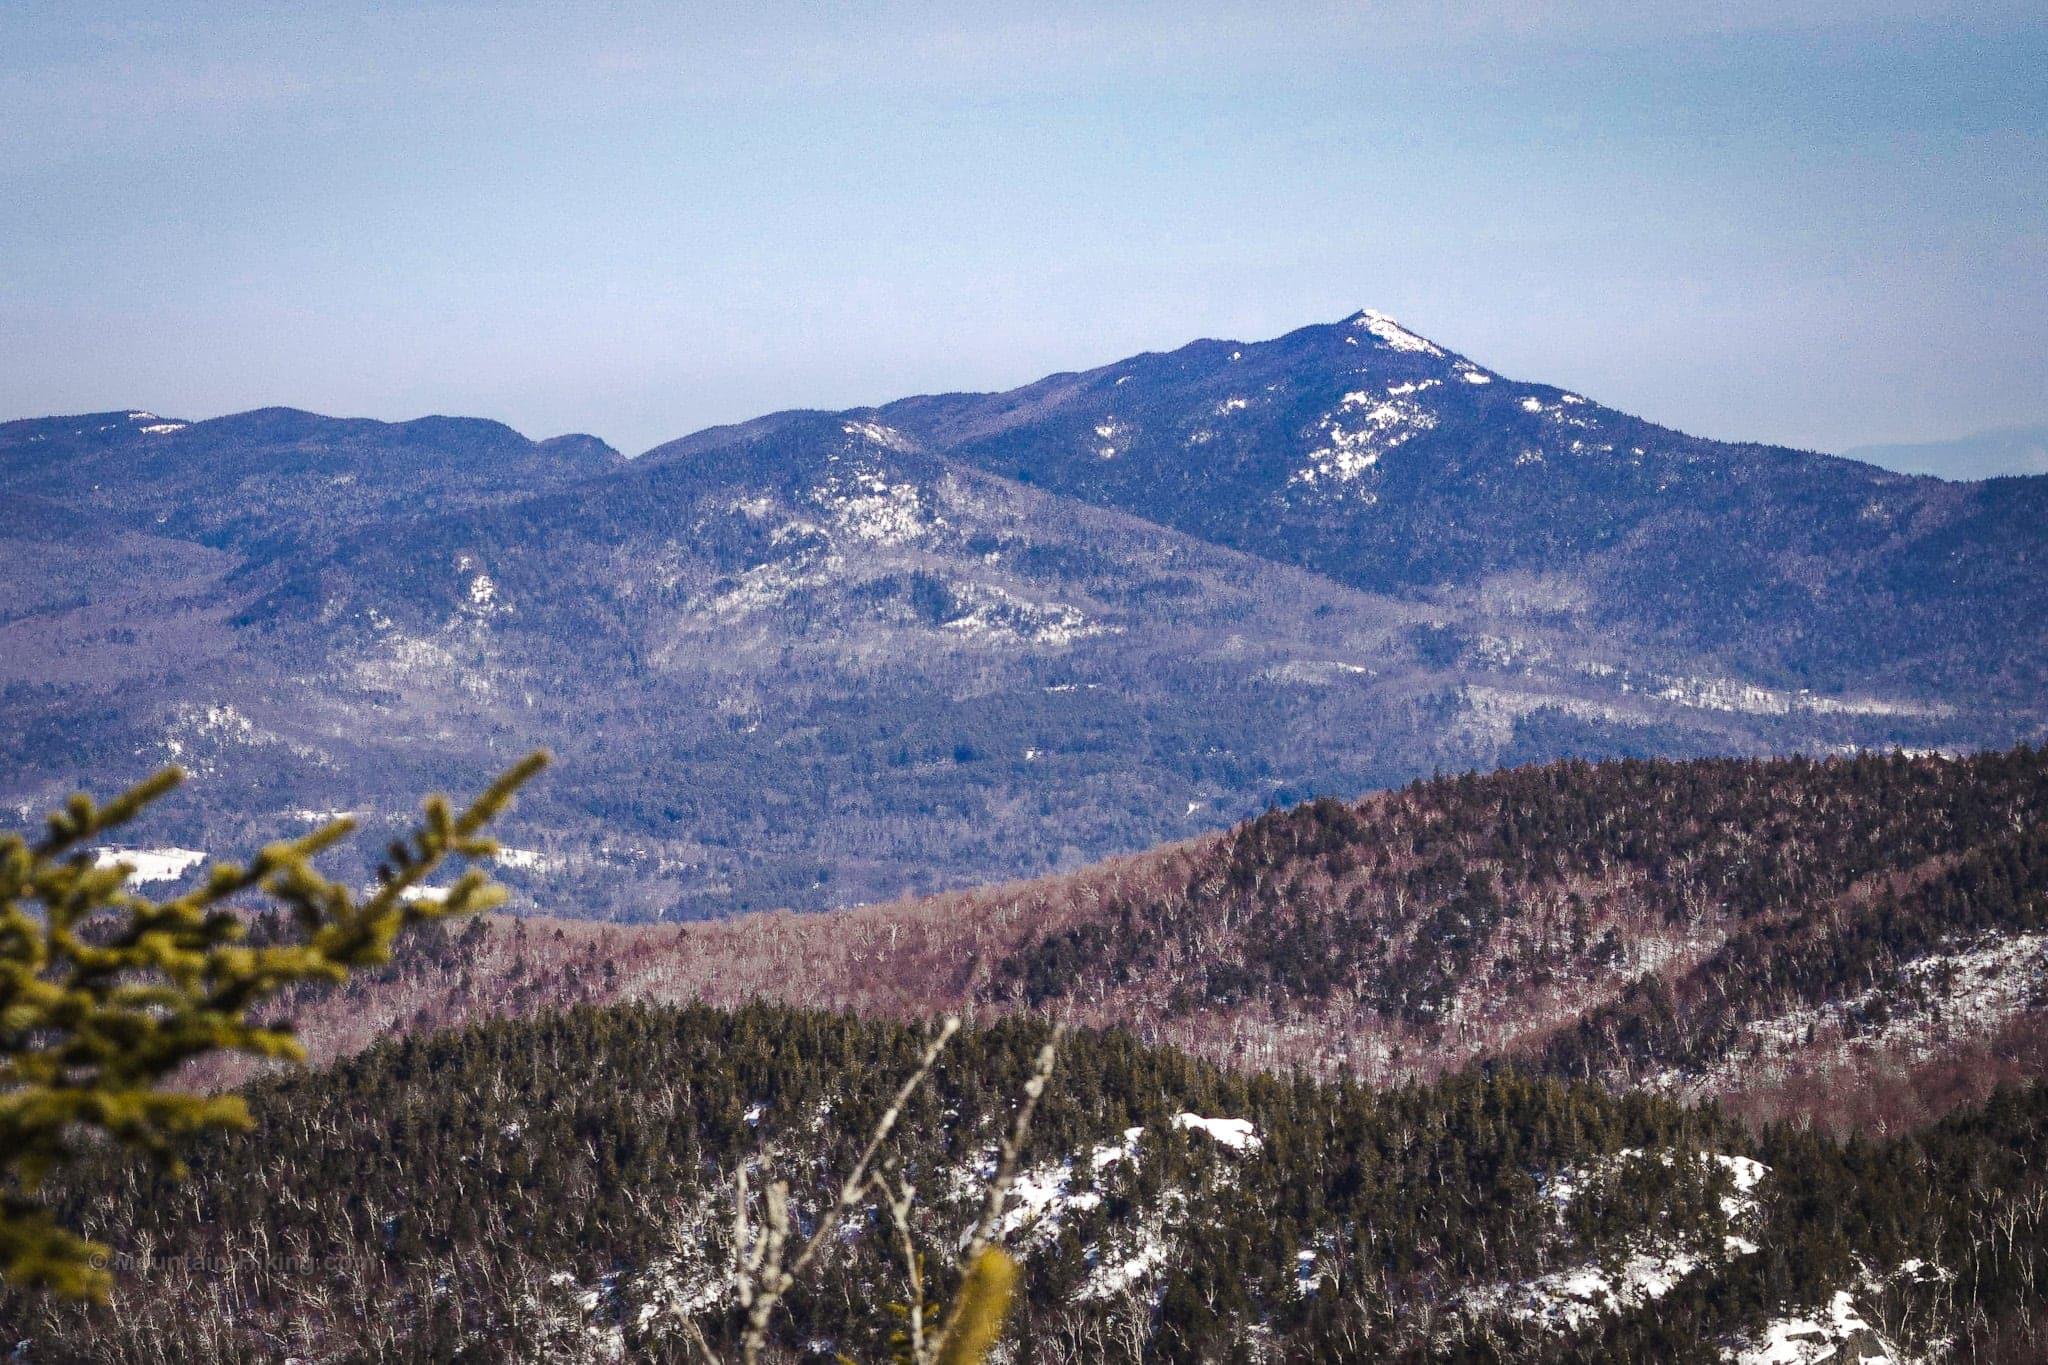 snowy mountain peak in distance